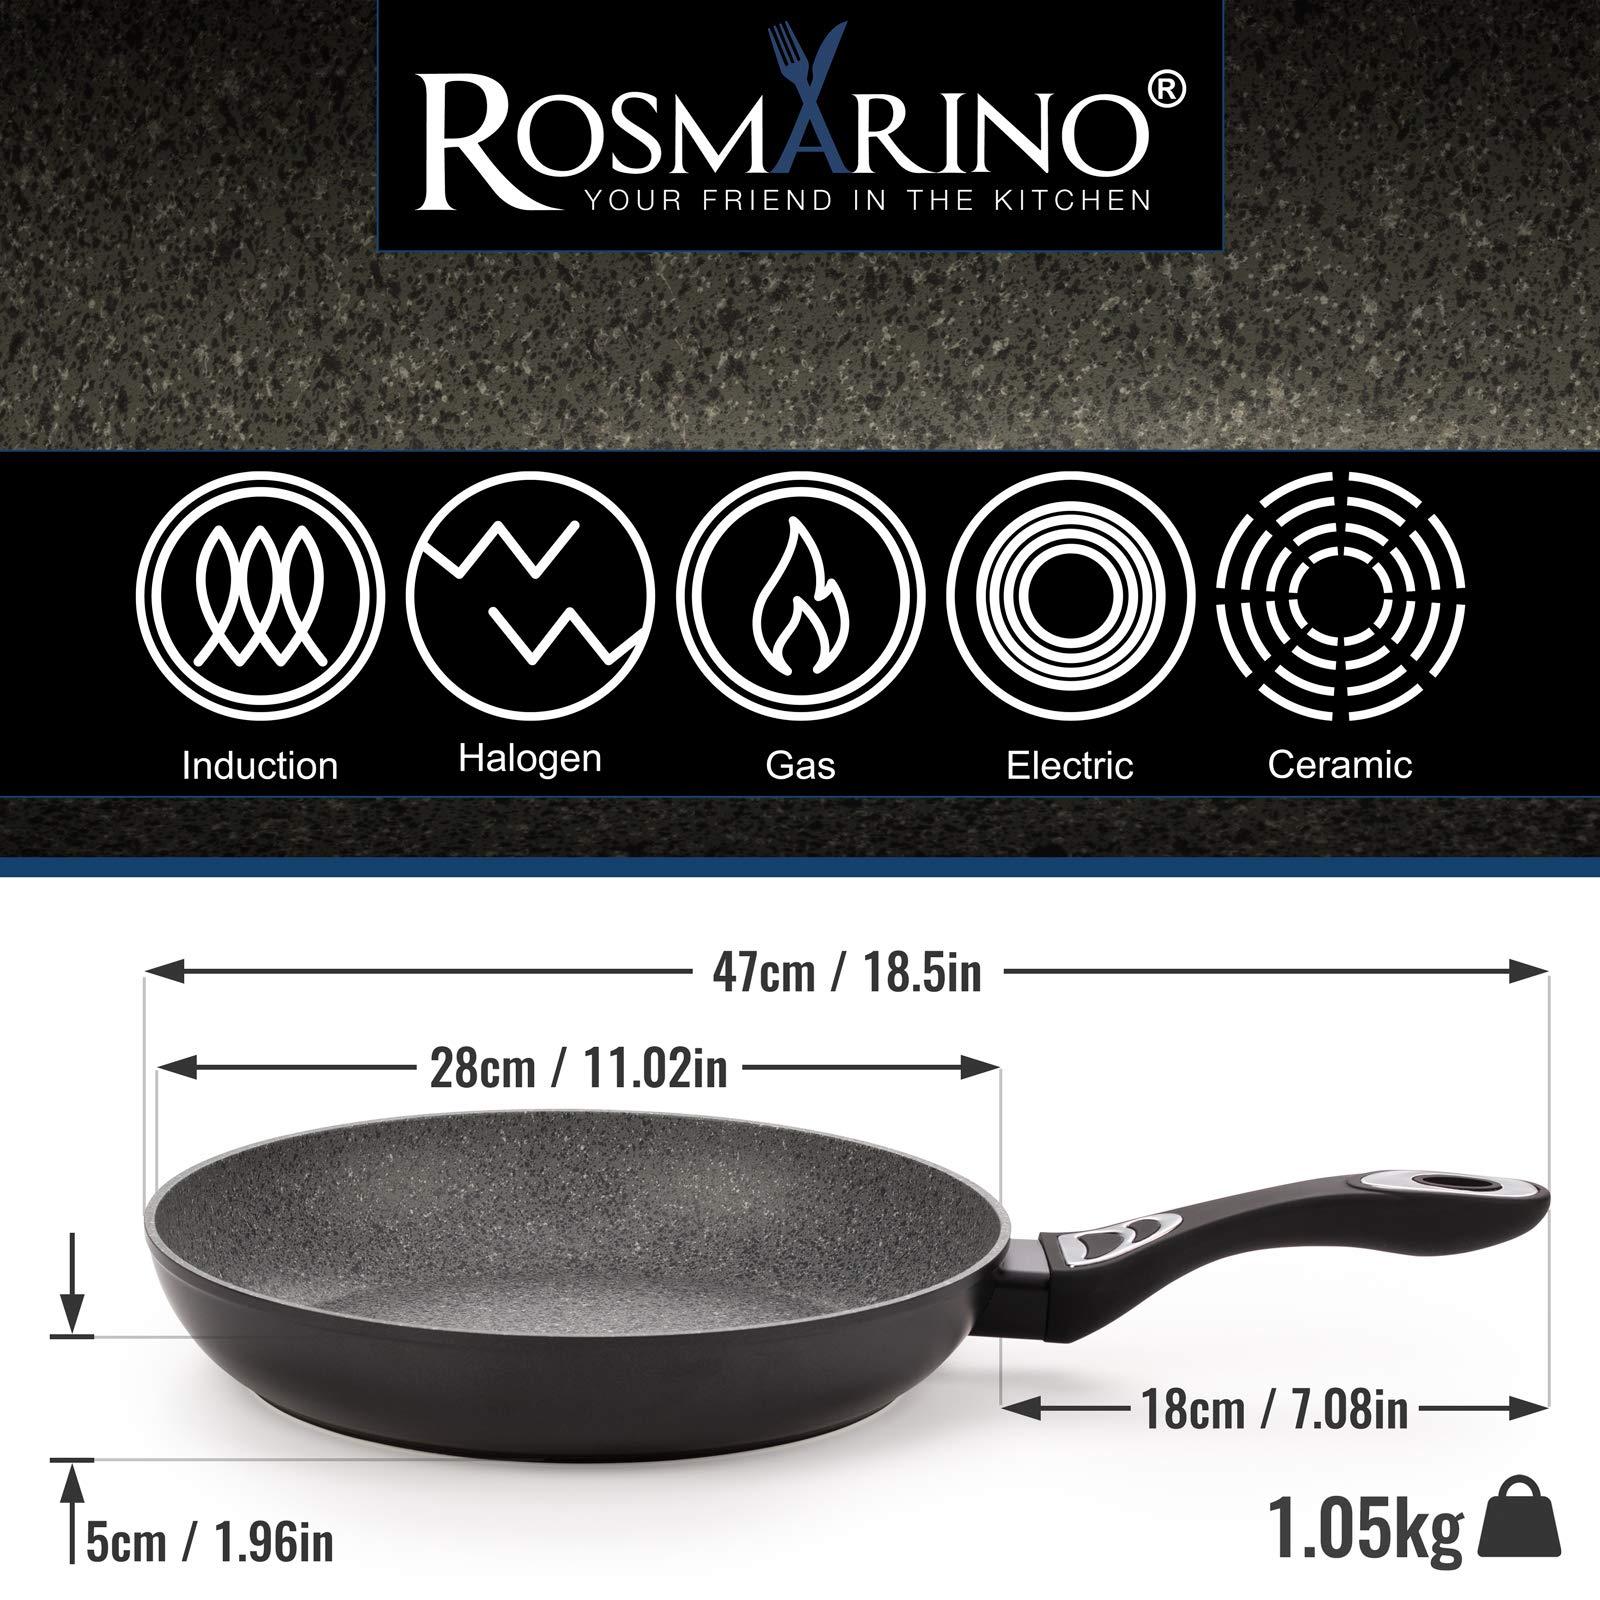 """Rosmarino™ antihaftbeschichtete Induktionssteinbratpfanne 28 cm (11""""), 100 % PFOA-frei für ein gesünderes Kochen, abplatz- und kratzfest durch die Premiumbeschichtung, stromsparend durch exzellente Leitfähigkeit"""